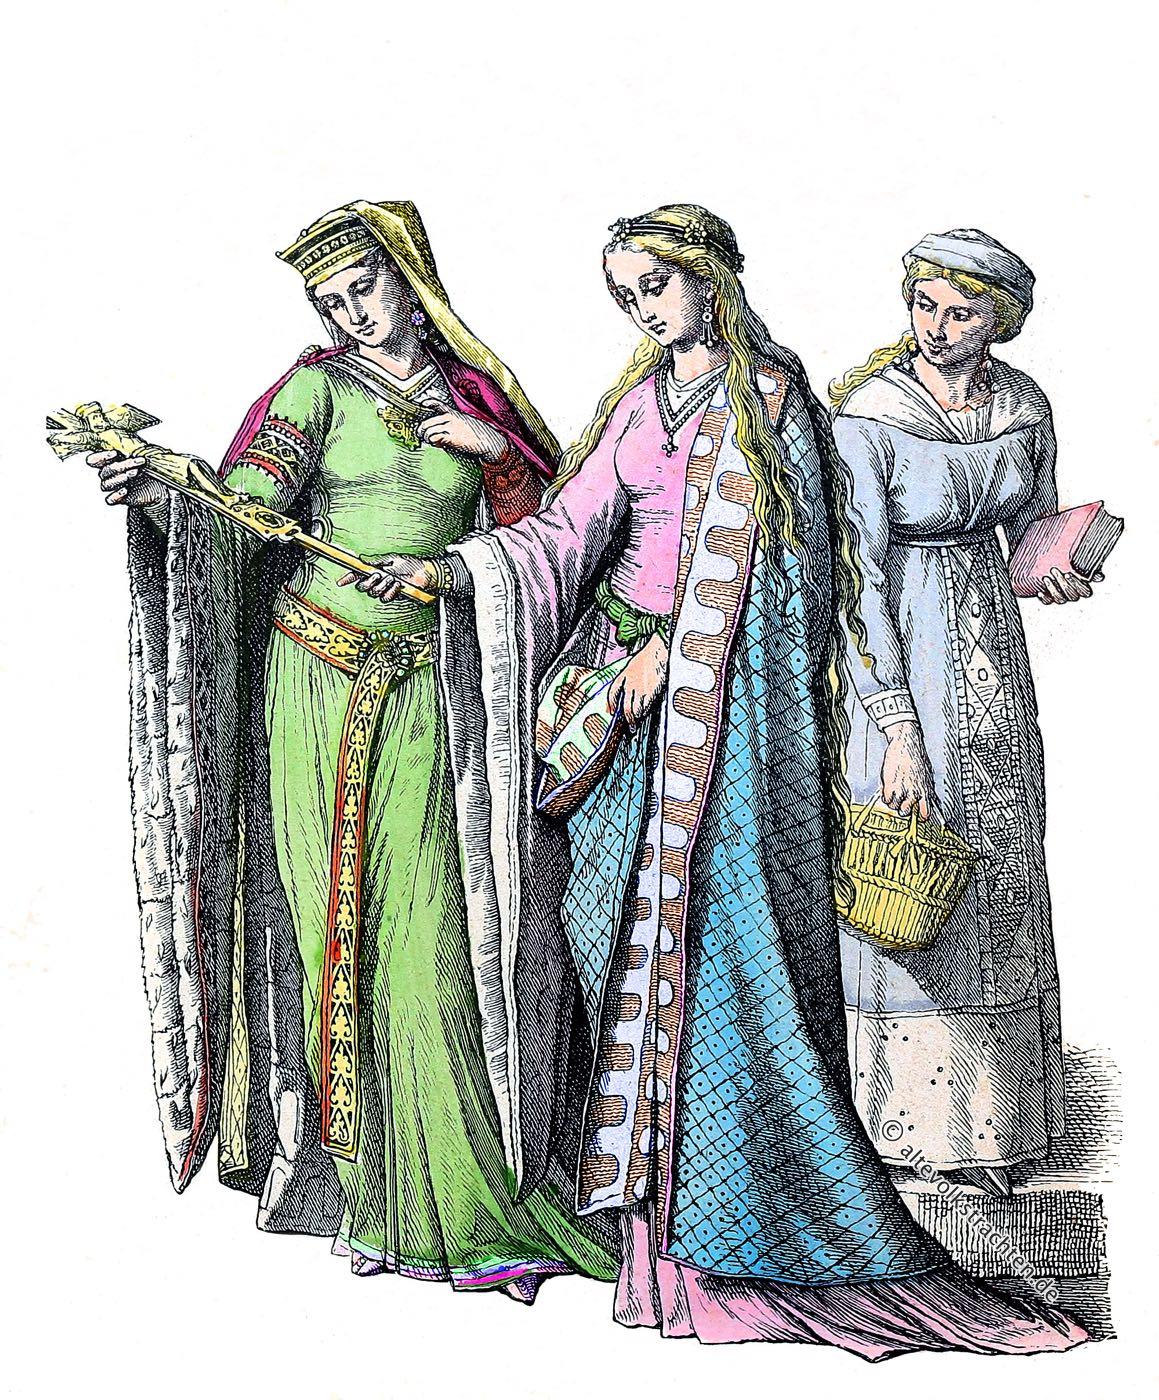 Münchener Bilderbogen, Edeldamen, Bürgerin, Kostüme, Mittelalter, Kleidung, Gewandung